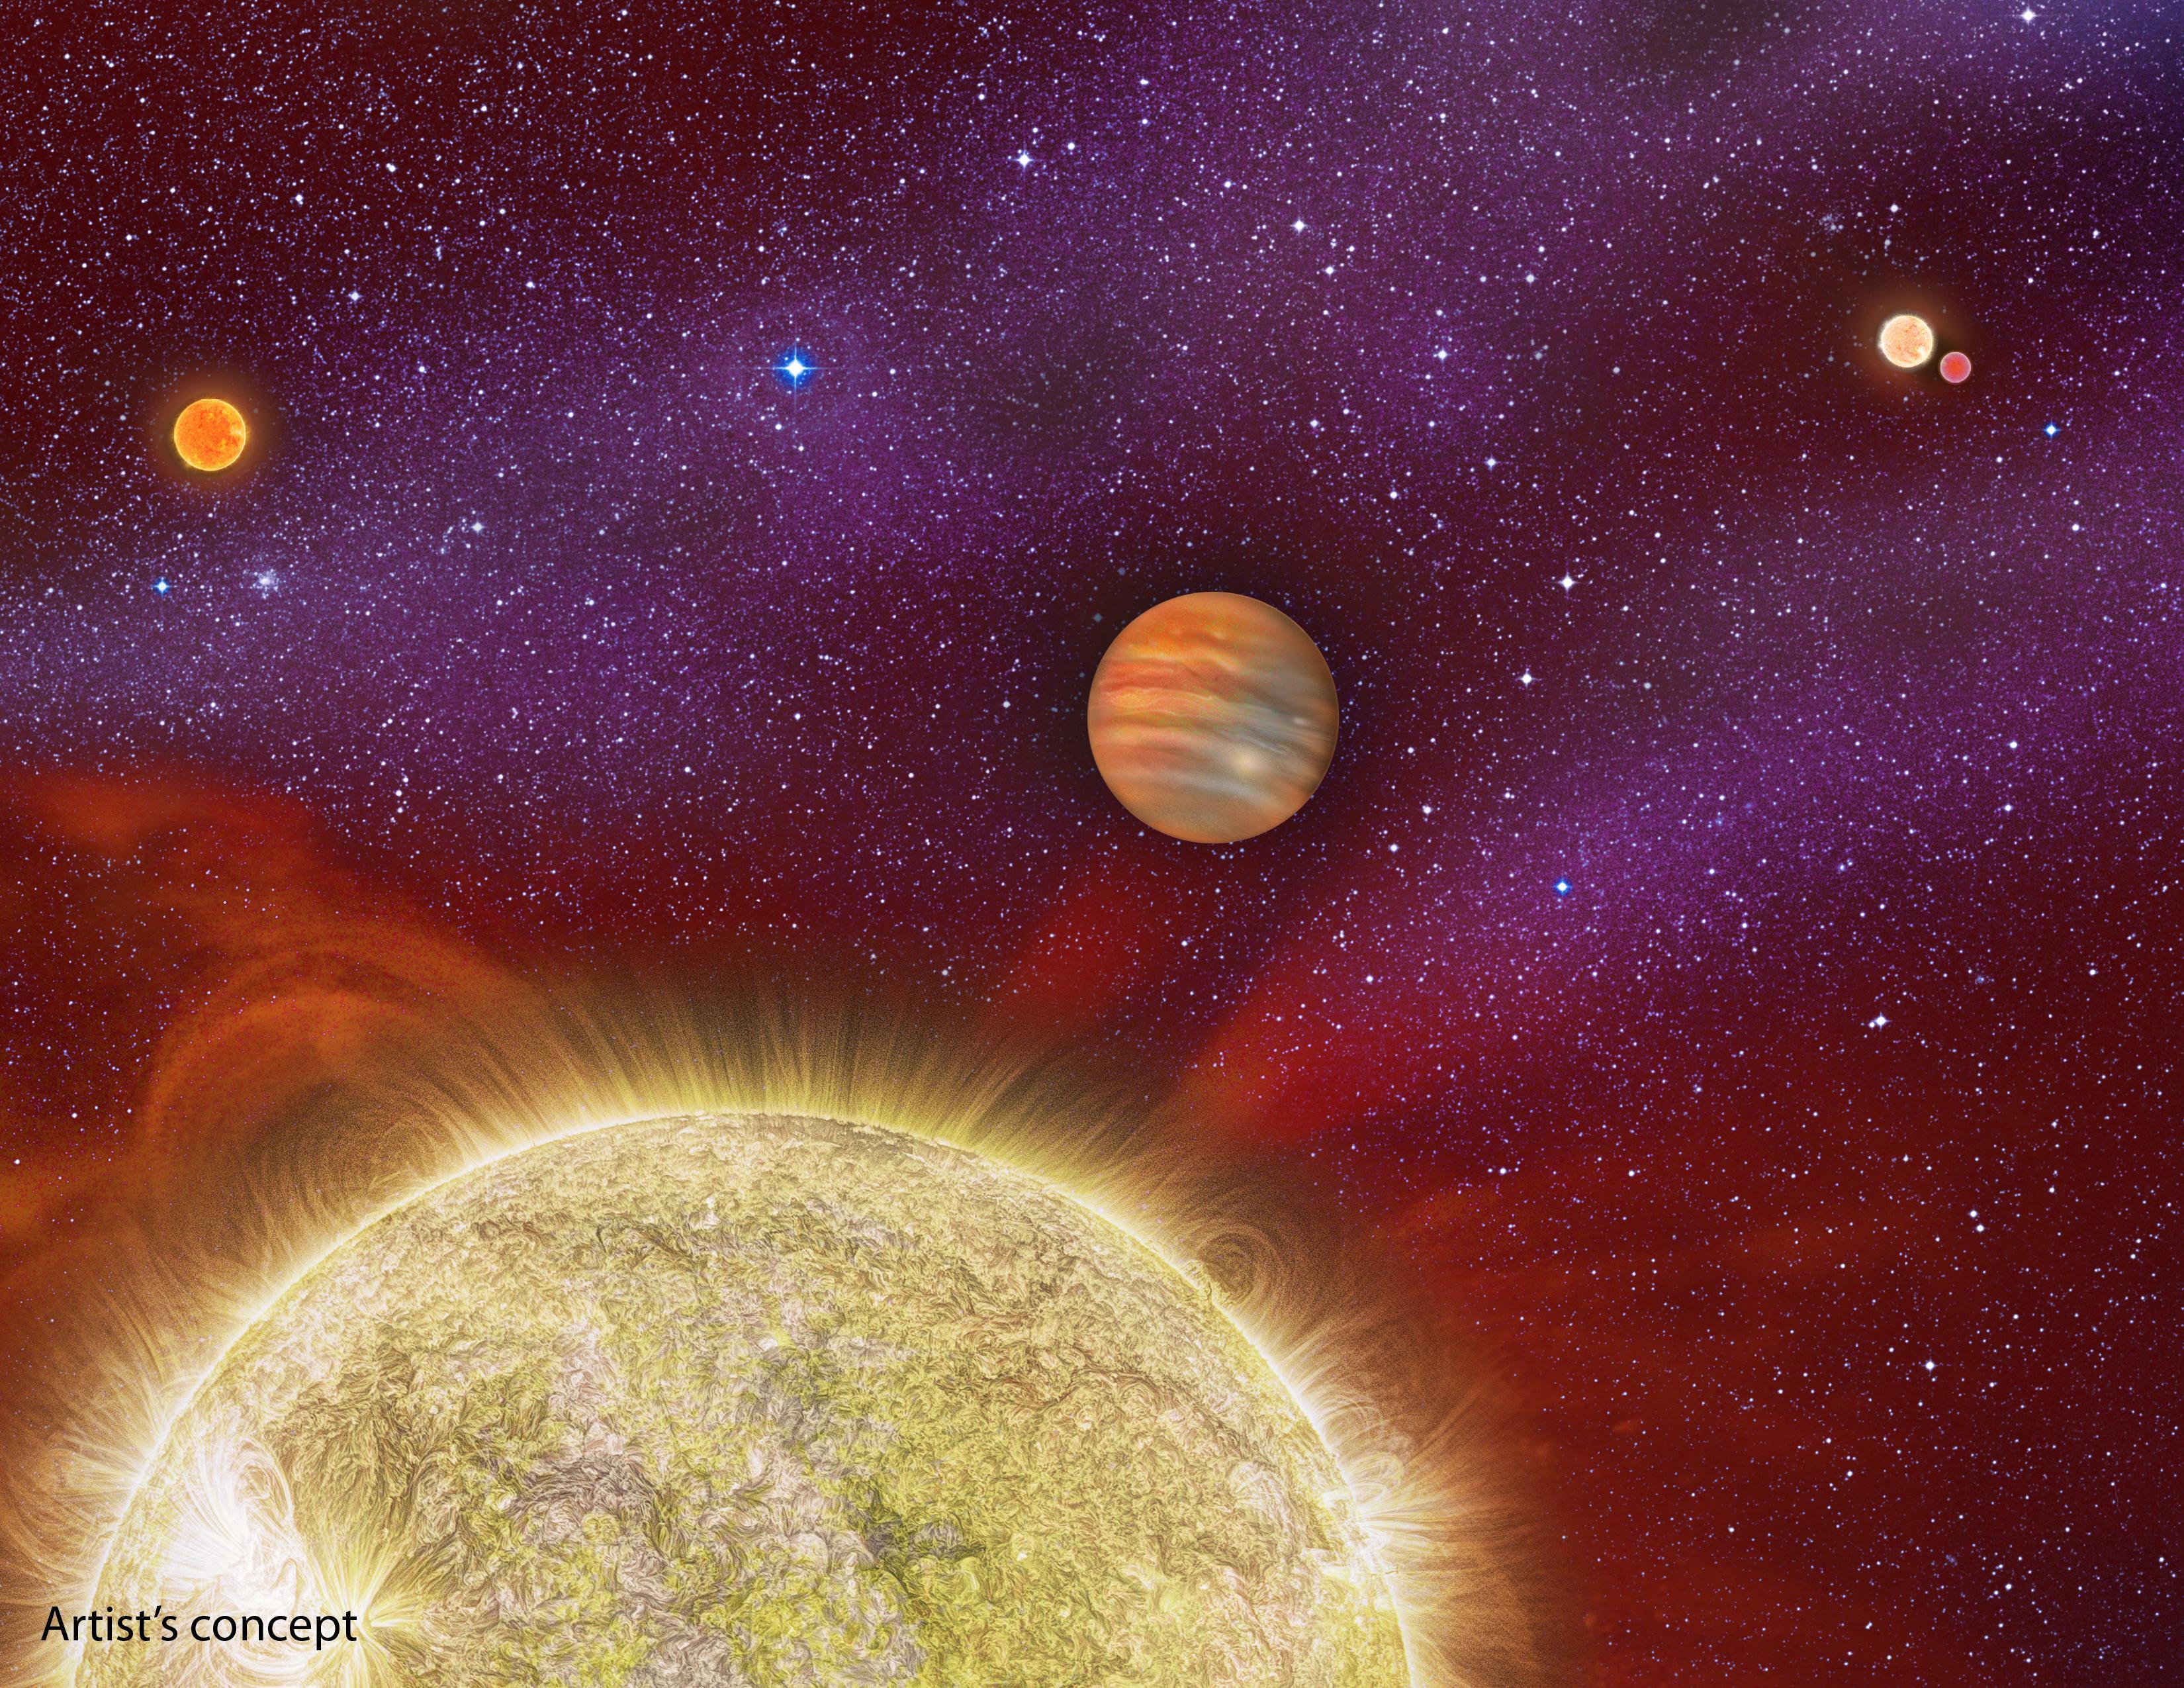 30 Arietis quaternary star system